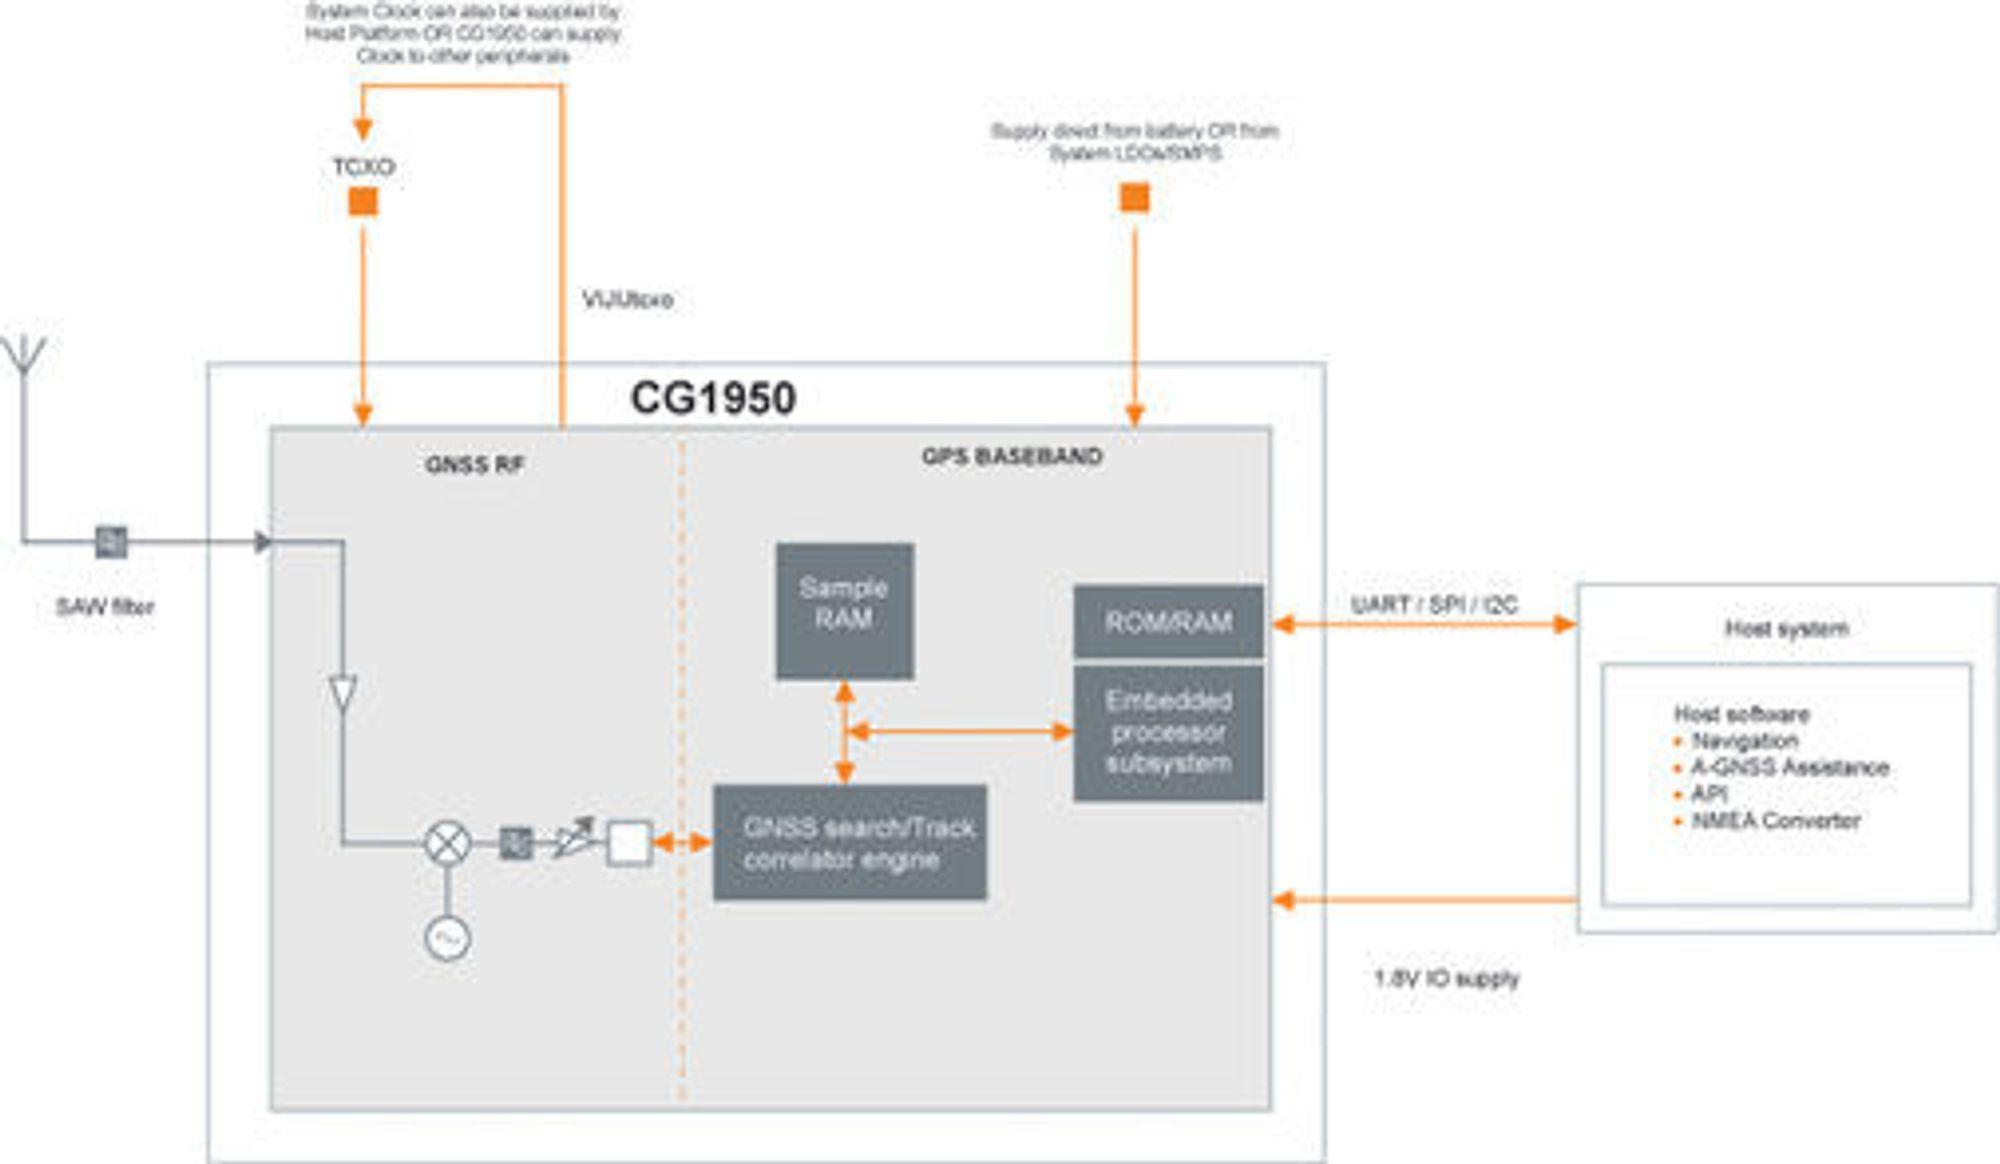 Blokkdiagram over posisjoneringsbrikken CG1950 fra ST-Ericsson.